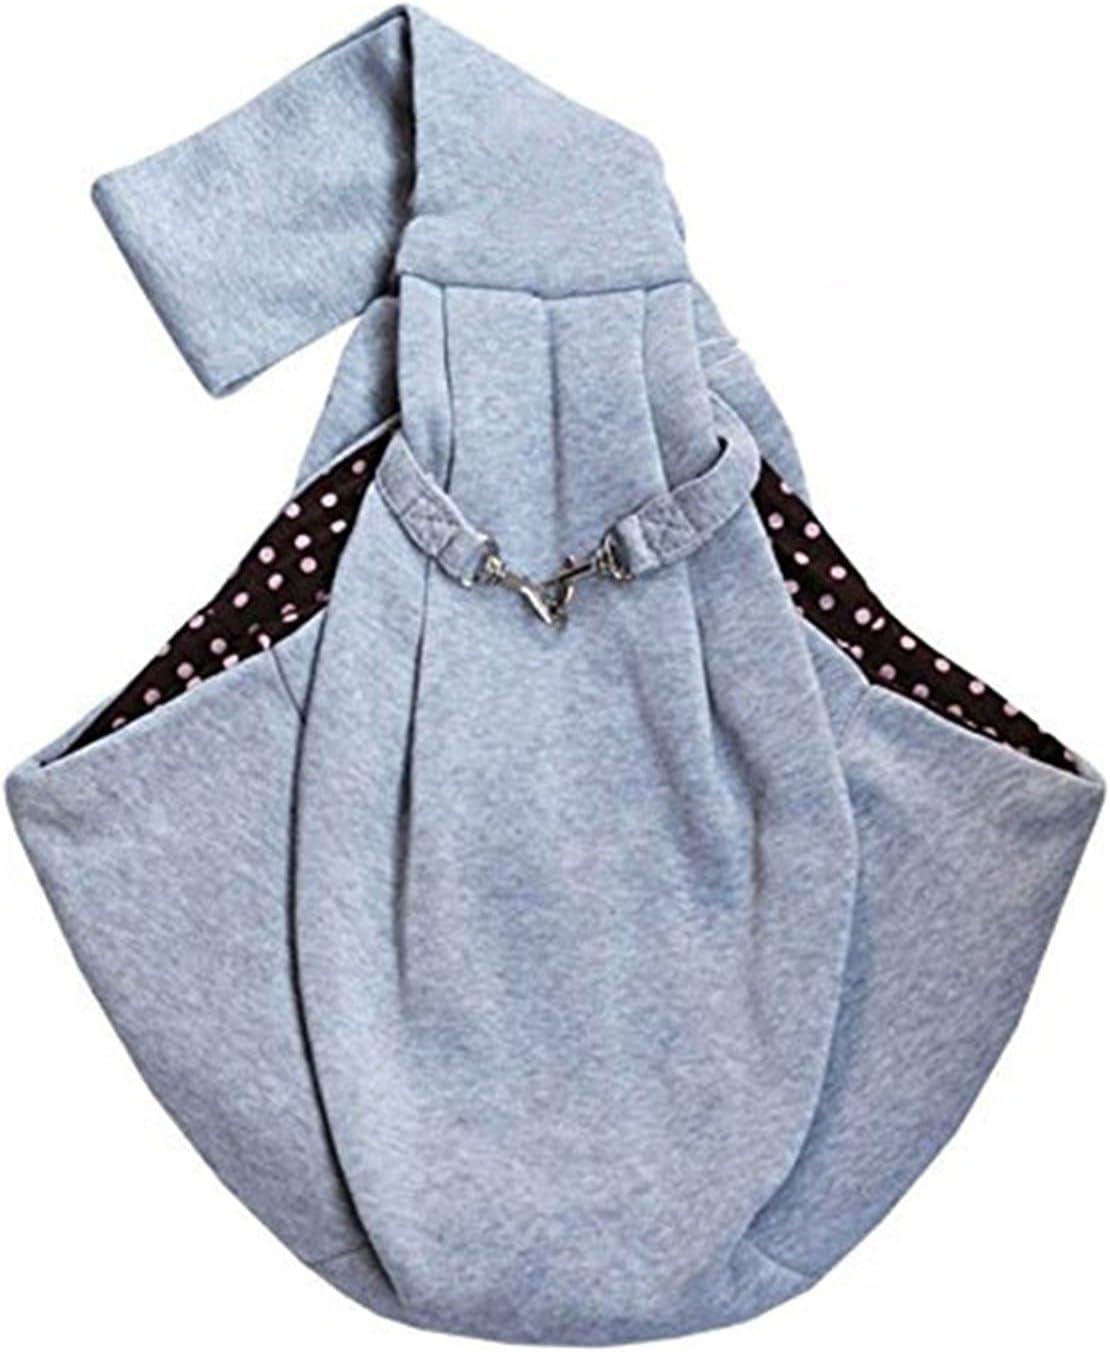 Pet Carrier Backpack Portable Travel Shoulder Some reservation ...